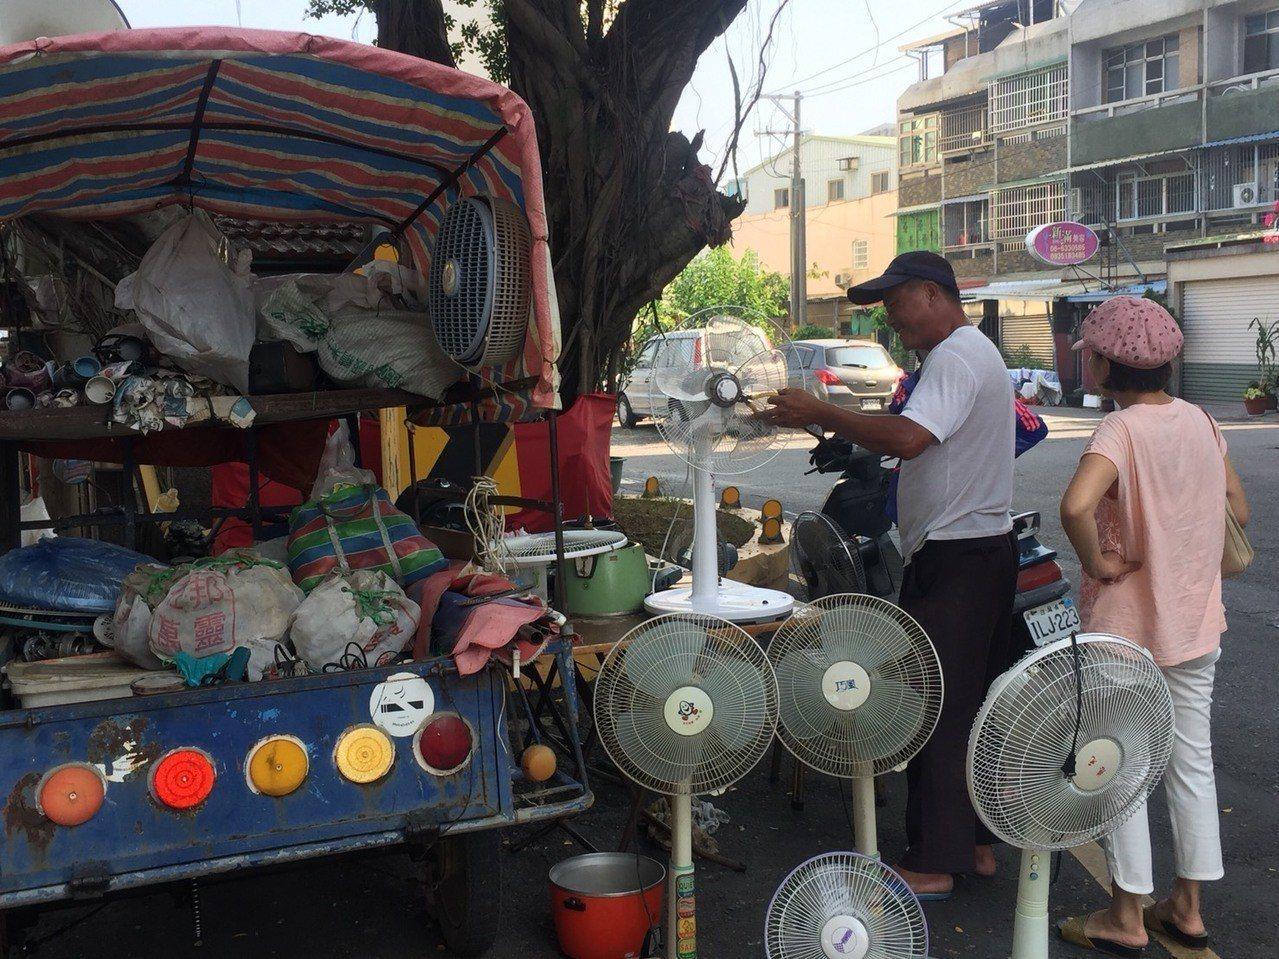 洪山泉的「行動修理電器三輪車」生意很好,受到家庭主婦的歡迎。記者吳政修/攝影